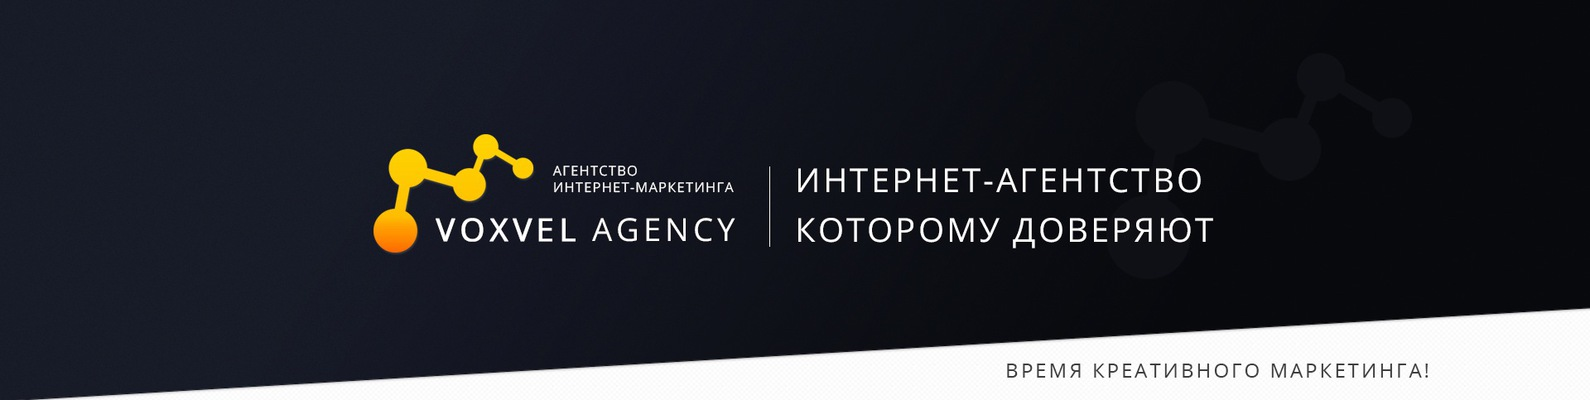 Агентство контекстной рекламы в минске